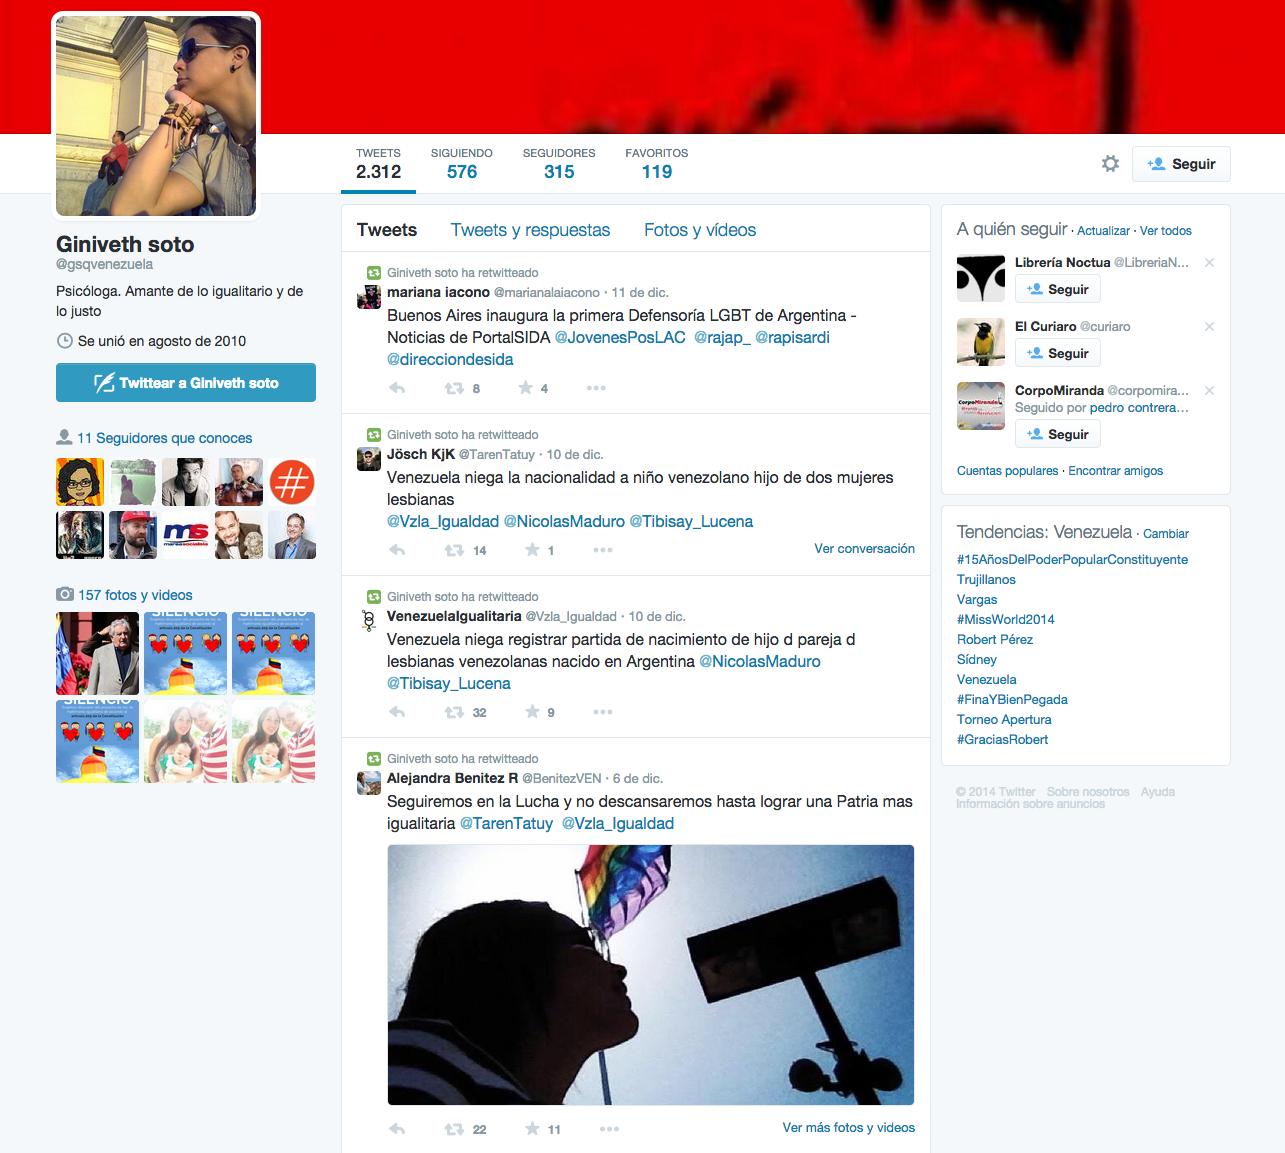 Captura de pantalla 2014-12-15 a la(s) 11.20.24